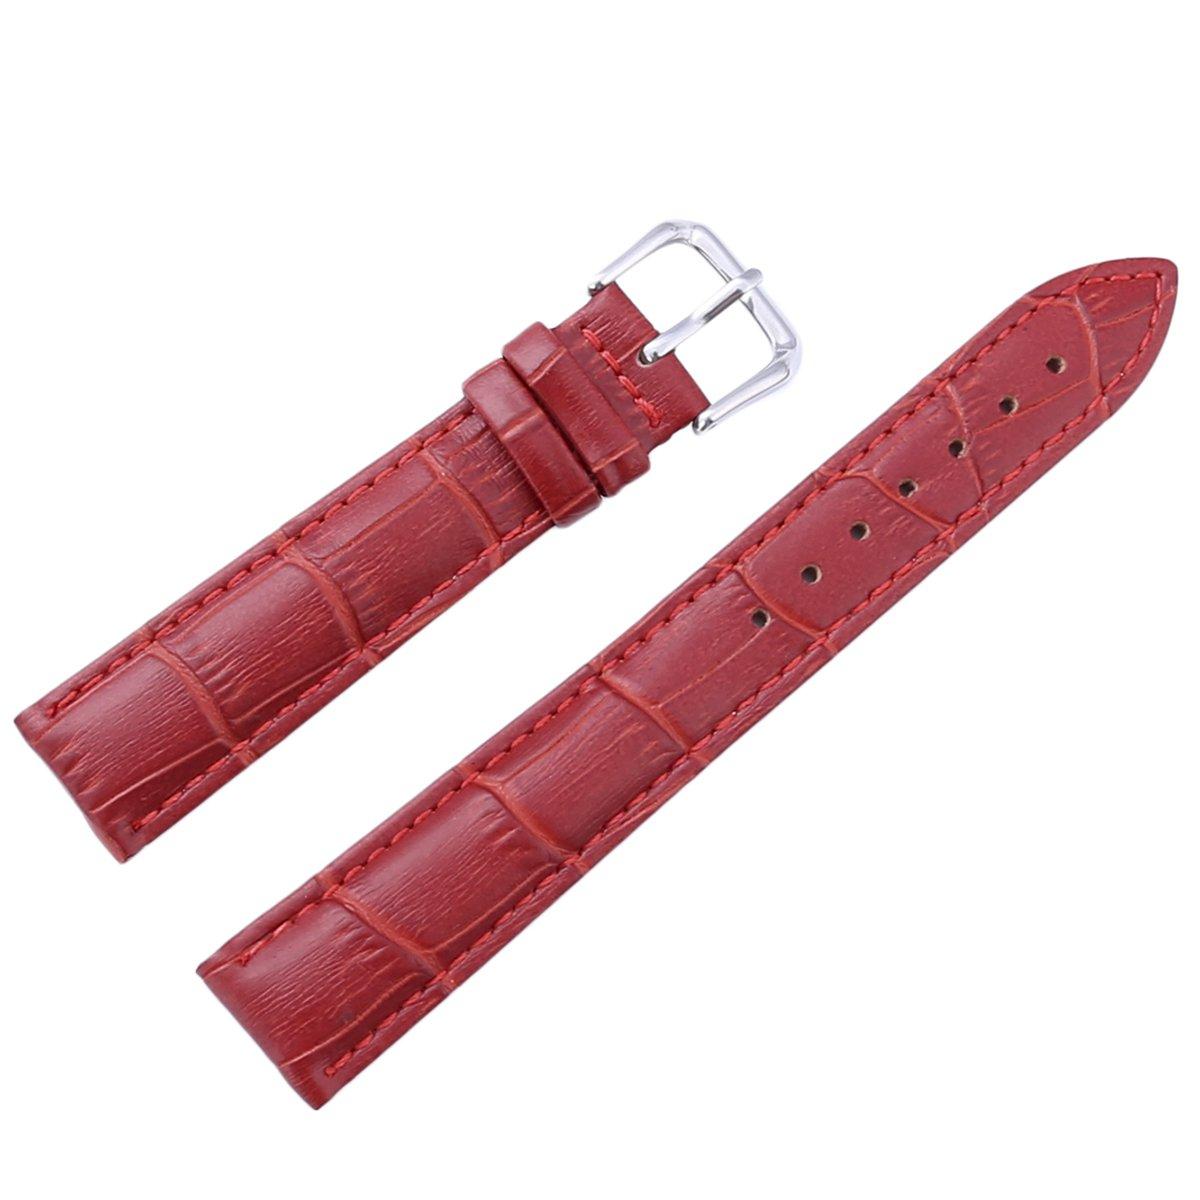 chezabbeyレザー腕時計バンド交換バックル留め腕時計ストラップ12 / 14 / 16 / 18 / 20 / 22 / 24 mm 22 MM レッド 22 MM レッド レッド 22 MM B0749BV79R